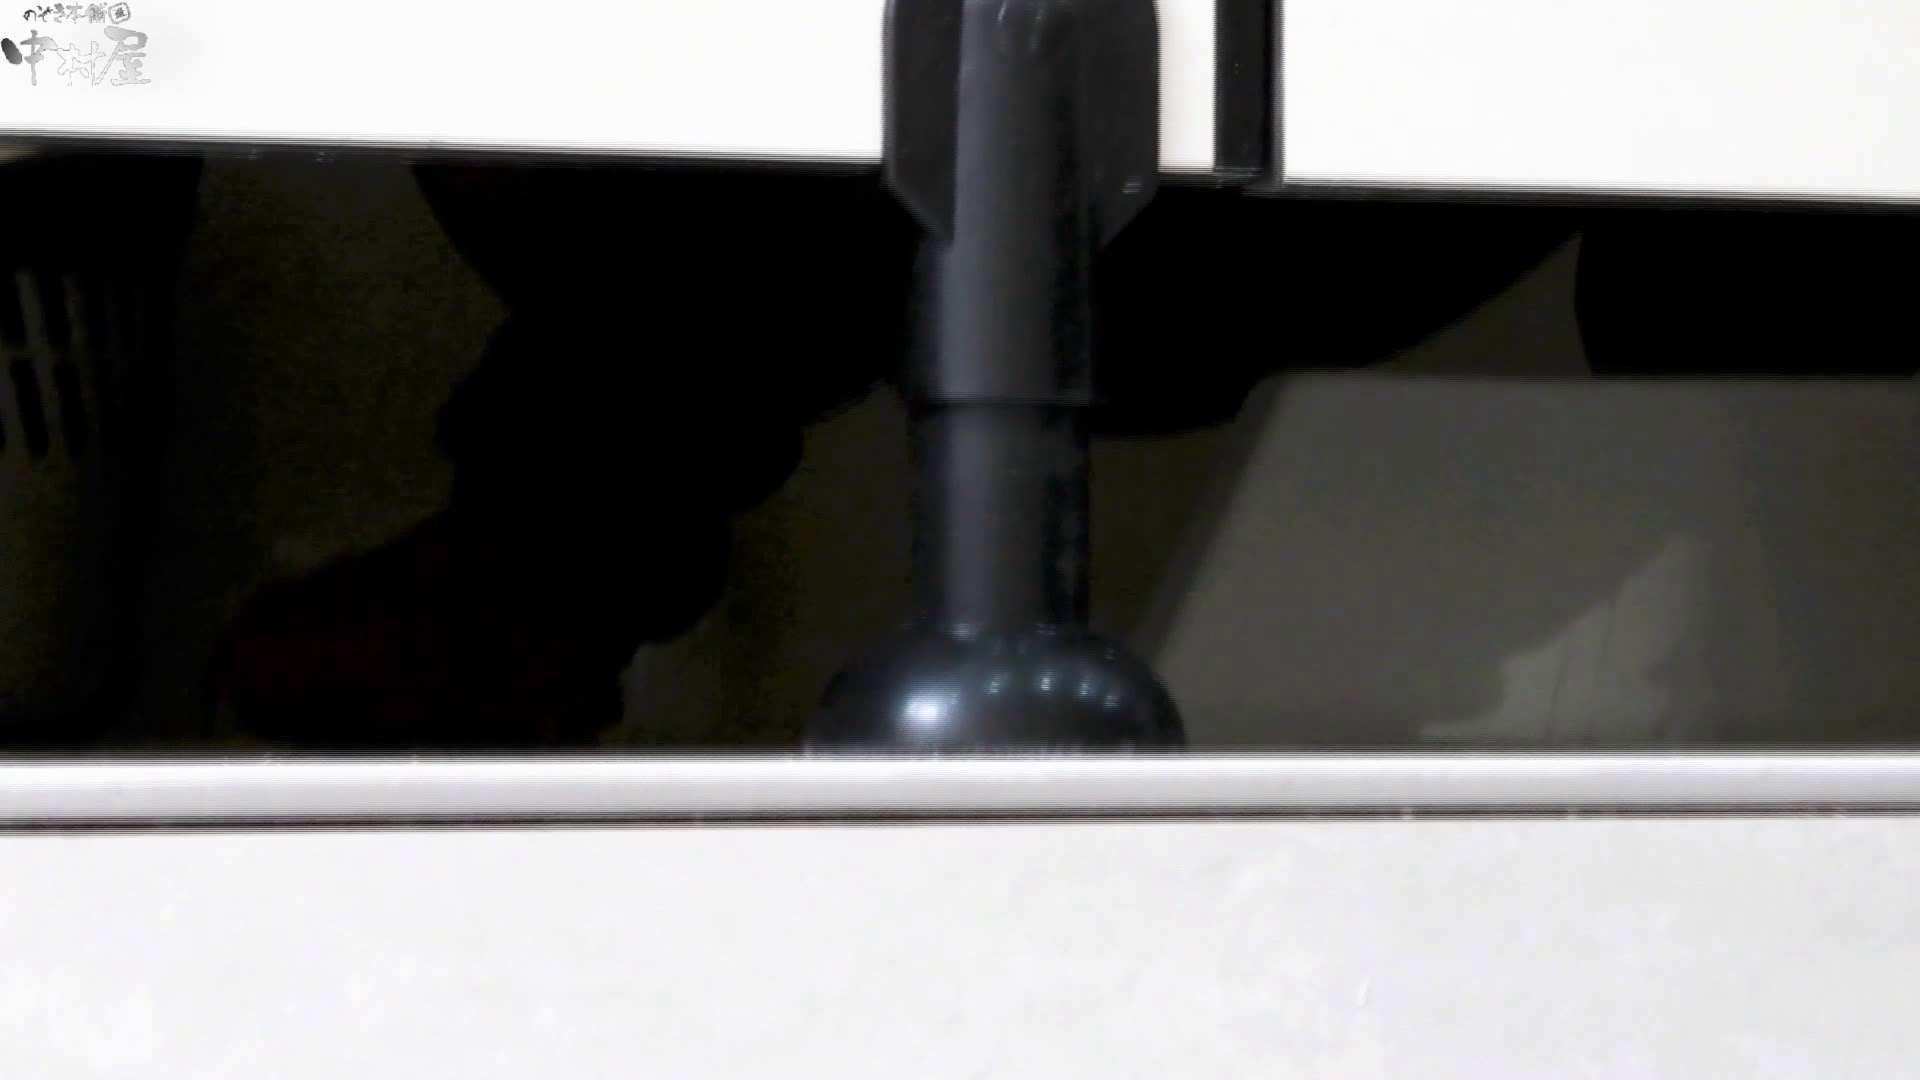 お市さんの「お尻丸出しジャンボリー」No.13 マンコエロすぎ 盗み撮り動画 97PIX 3